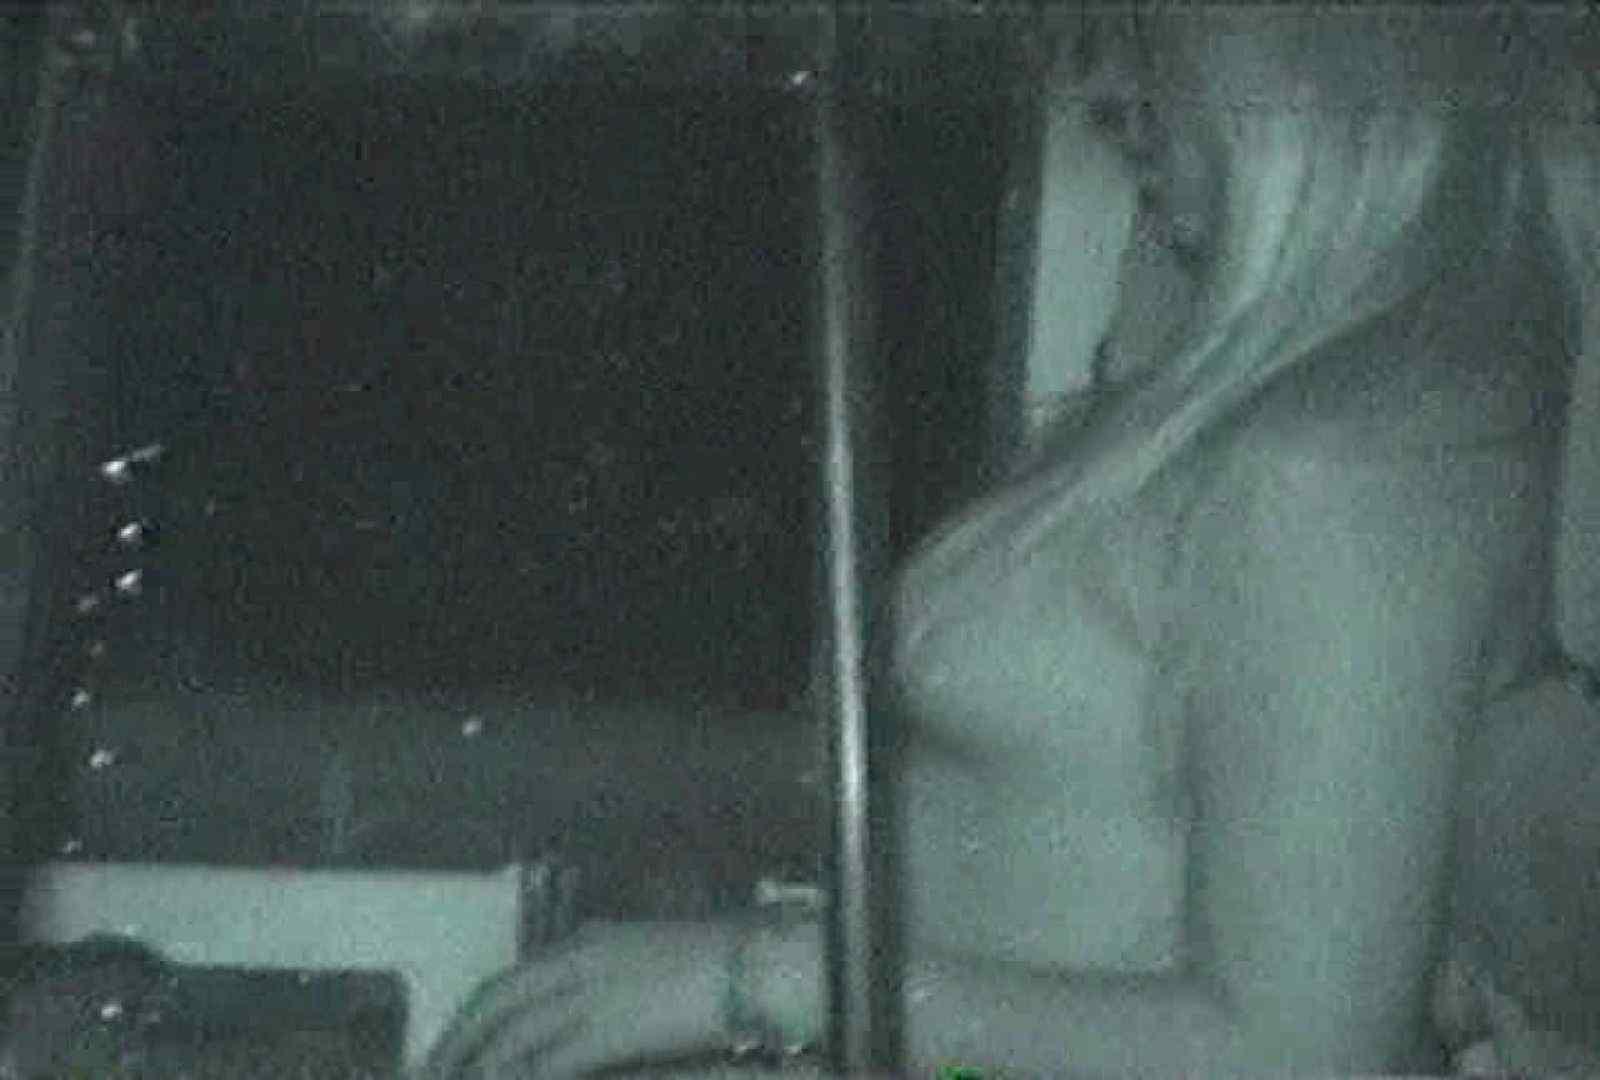 充血監督の深夜の運動会Vol.100 おまんこ無修正 性交動画流出 107画像 107